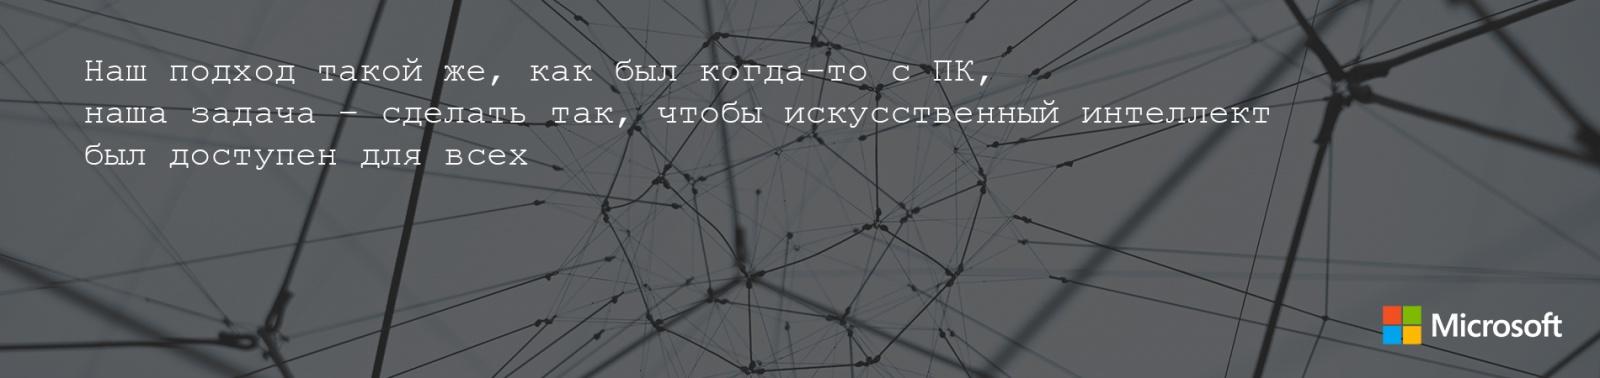 Digital Transformation: Интервью с Александром Ложечкиным - 8